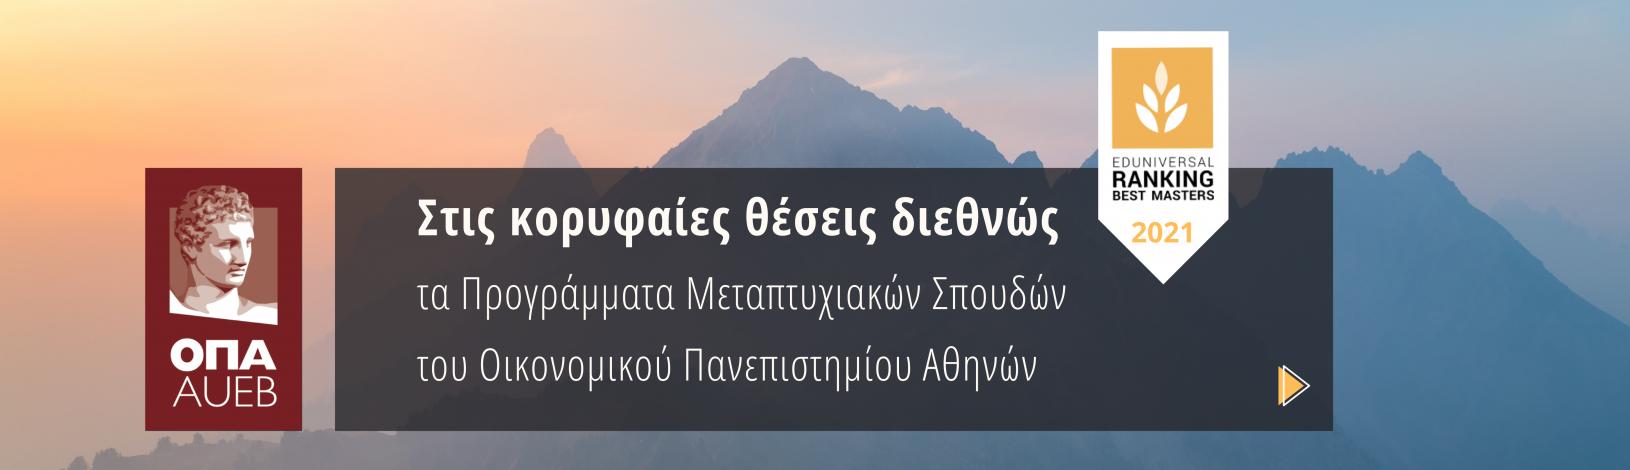 Κυρίαρχη στην Ελλάδα, στις πρώτες θέσεις στην Ευρώπη και Παγκοσμίως, η Μεταπτυχιακή Εκπαίδευση του ΟΠΑ